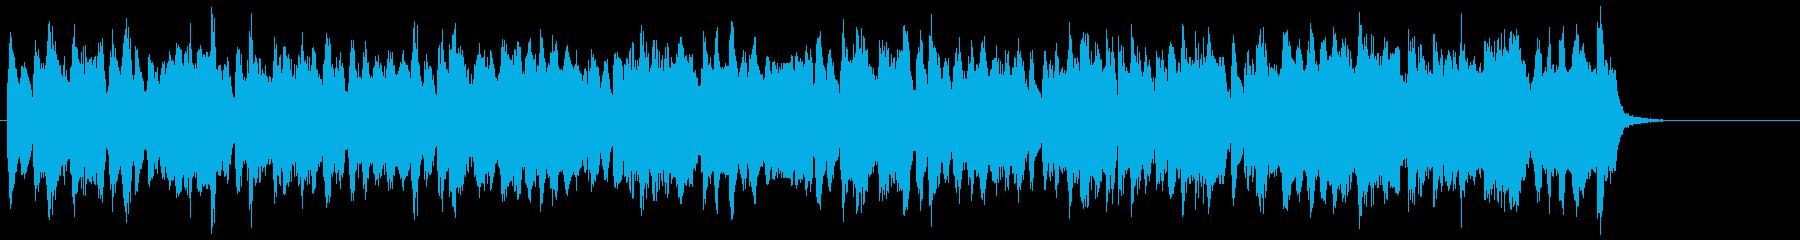 トロンボーンの旋律が明るく優しいBGMの再生済みの波形